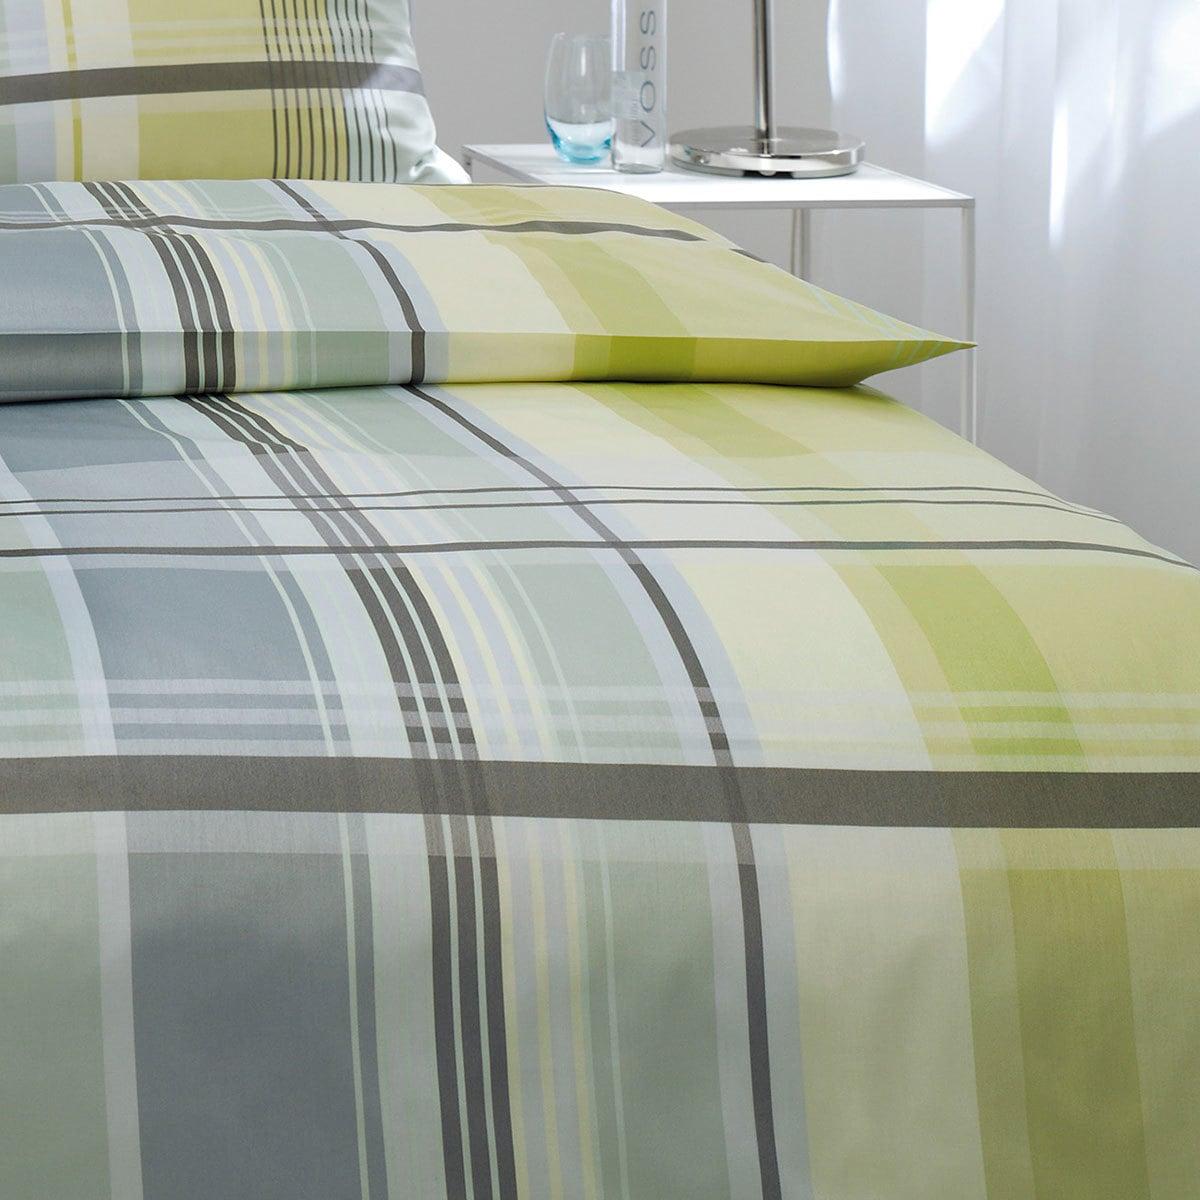 estella mako satin bettw sche karo lind g nstig online kaufen bei bettwaren shop. Black Bedroom Furniture Sets. Home Design Ideas